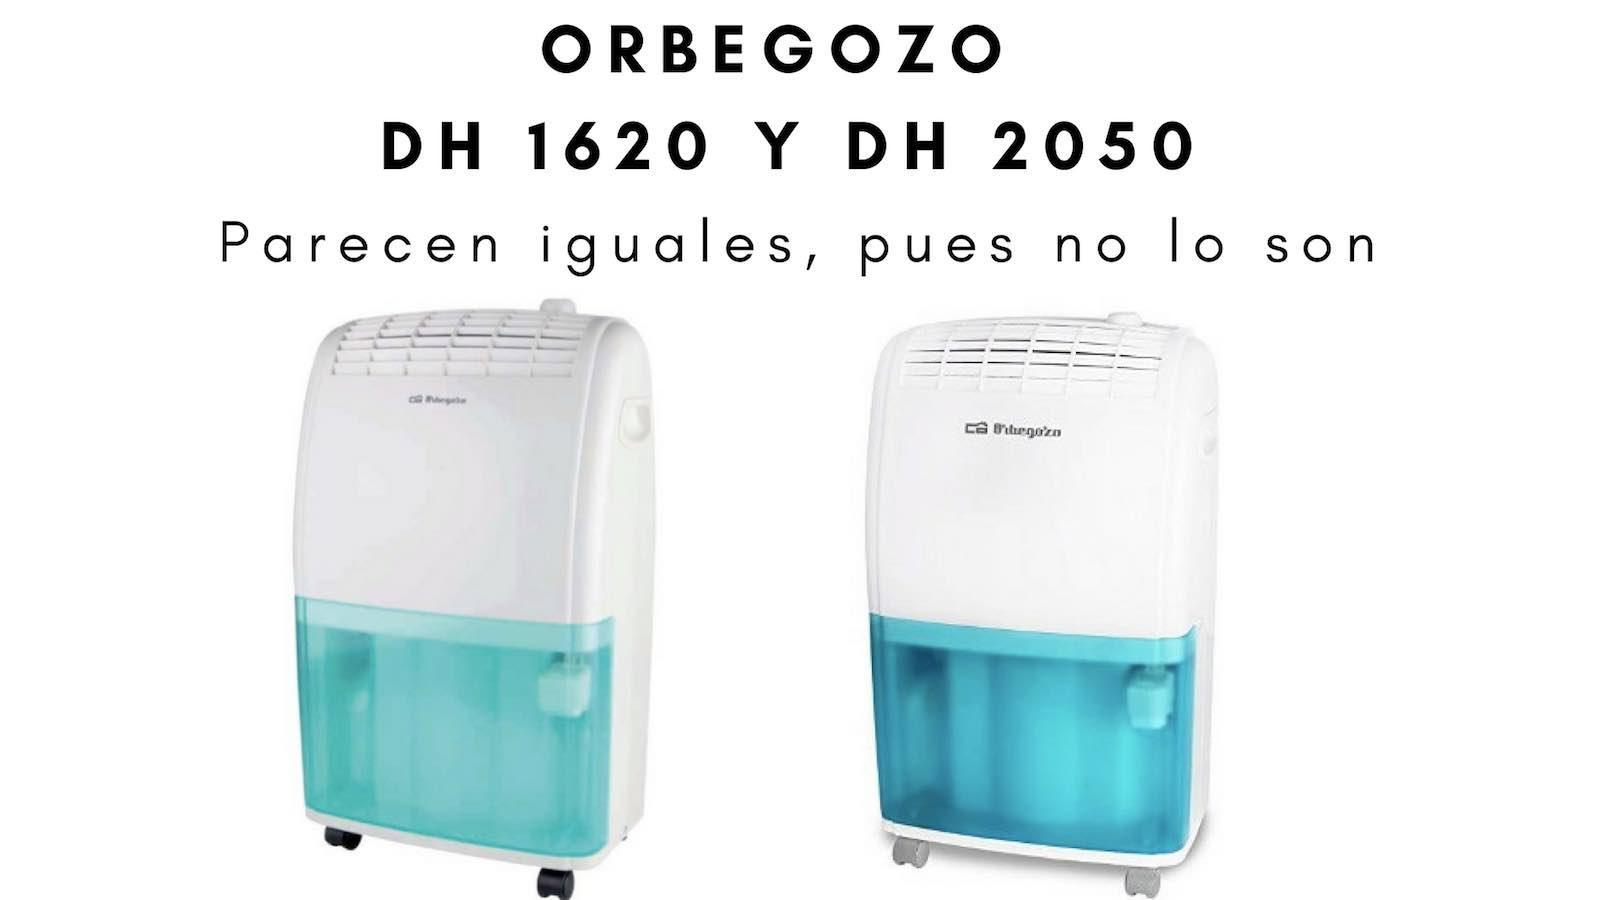 deshumidficador orbegozo dh 1620